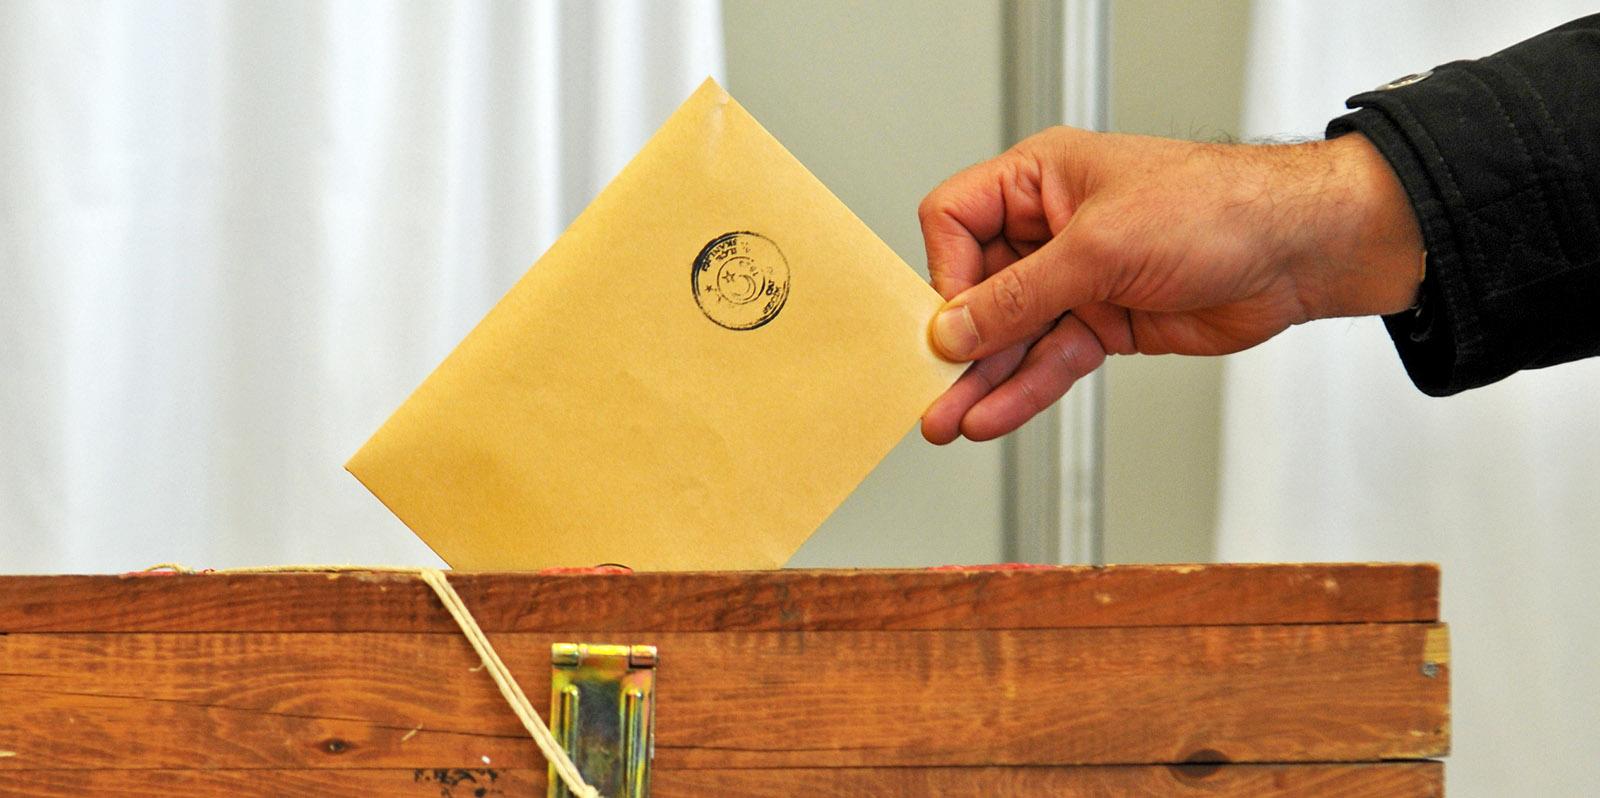 Eski kimliklerle oy kullanılamayacağı haberi yalanlandı